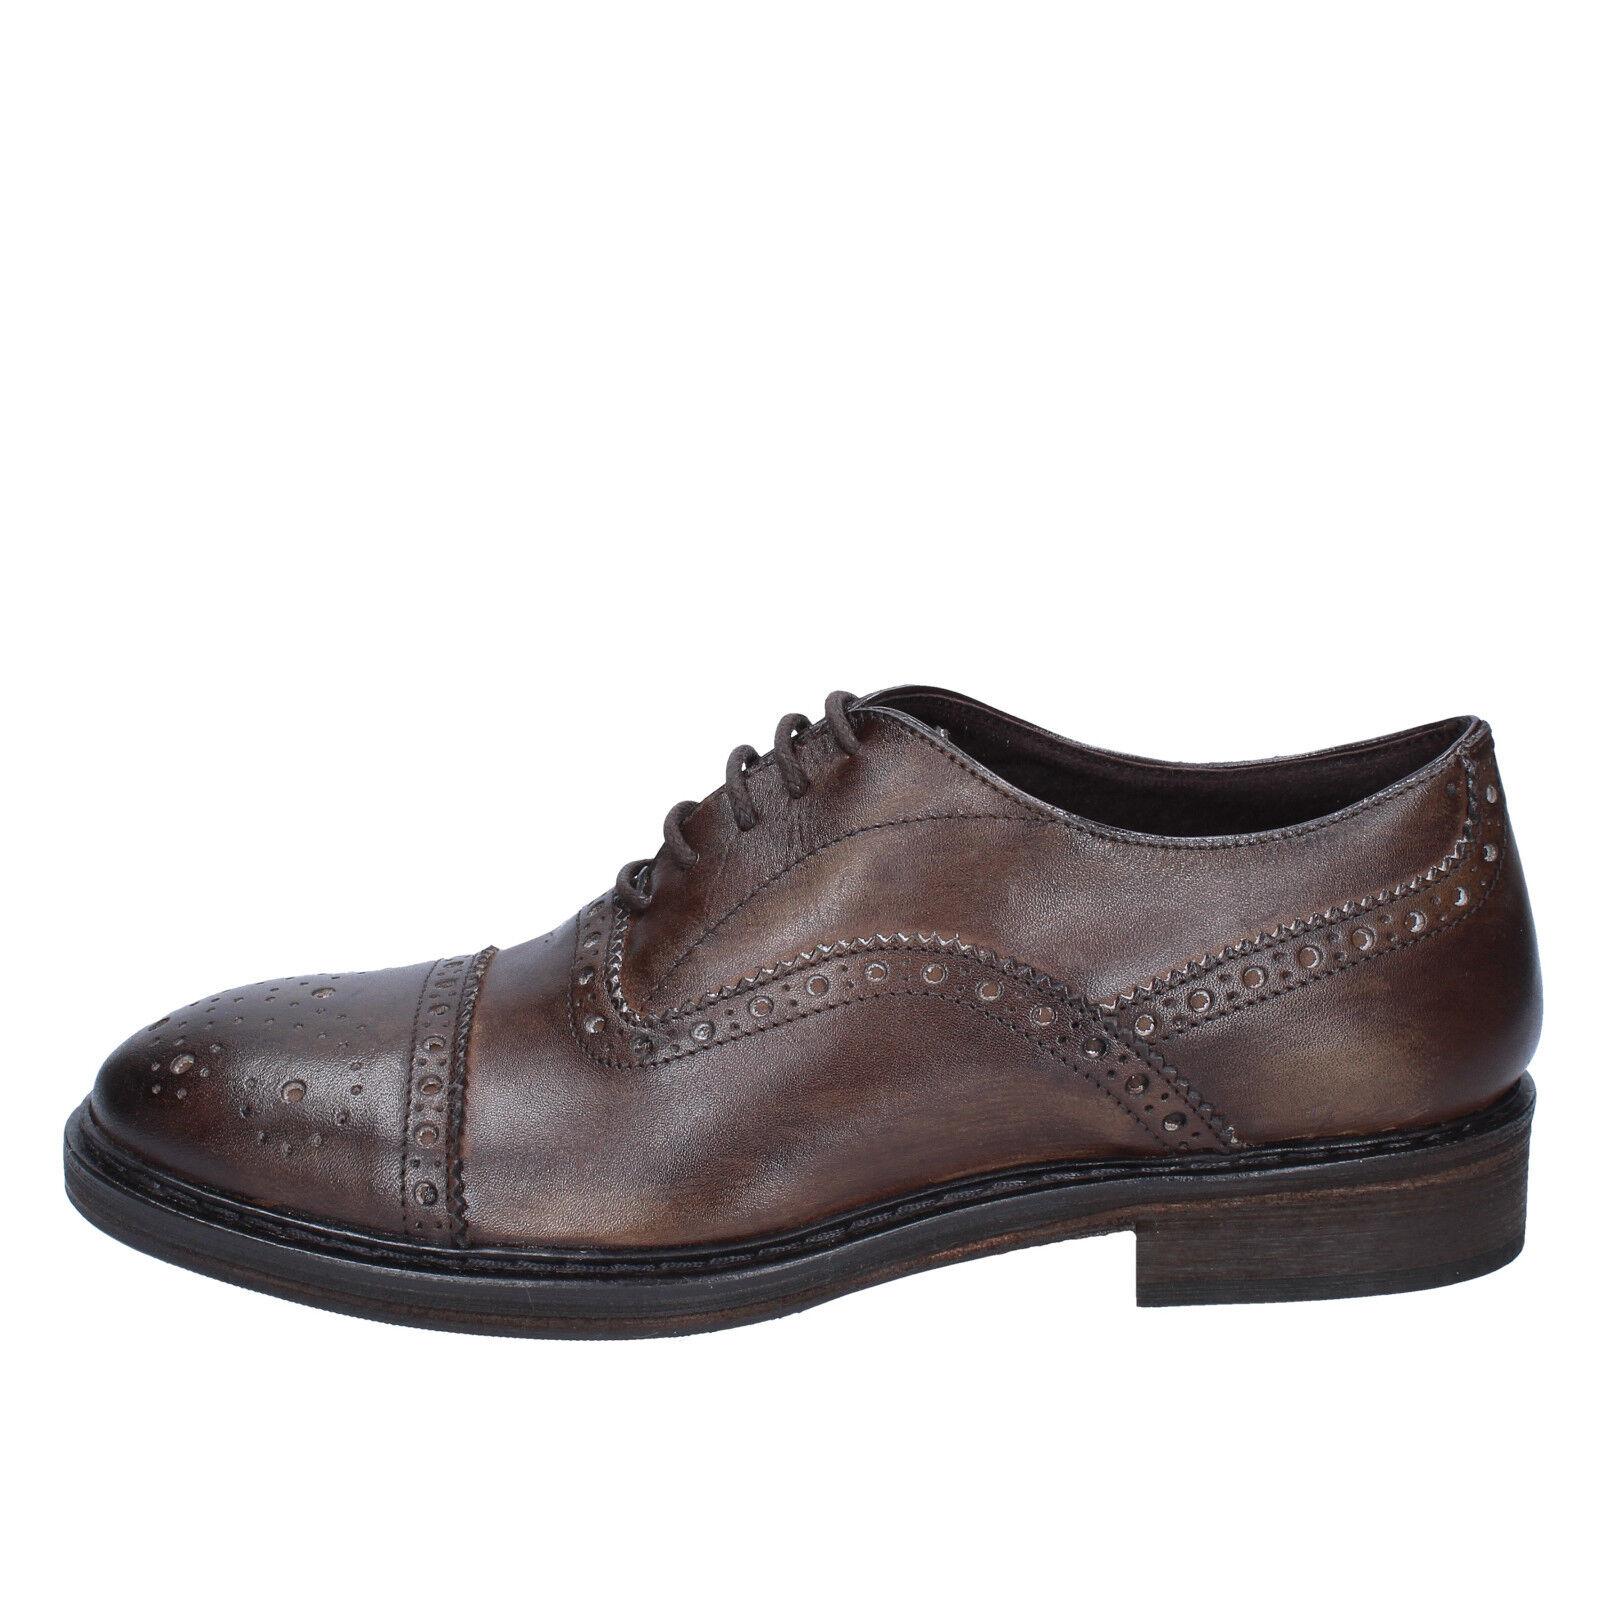 Scarpe uomo CESARE MAURIZI 44 EU classiche marrone pelle BX506-44